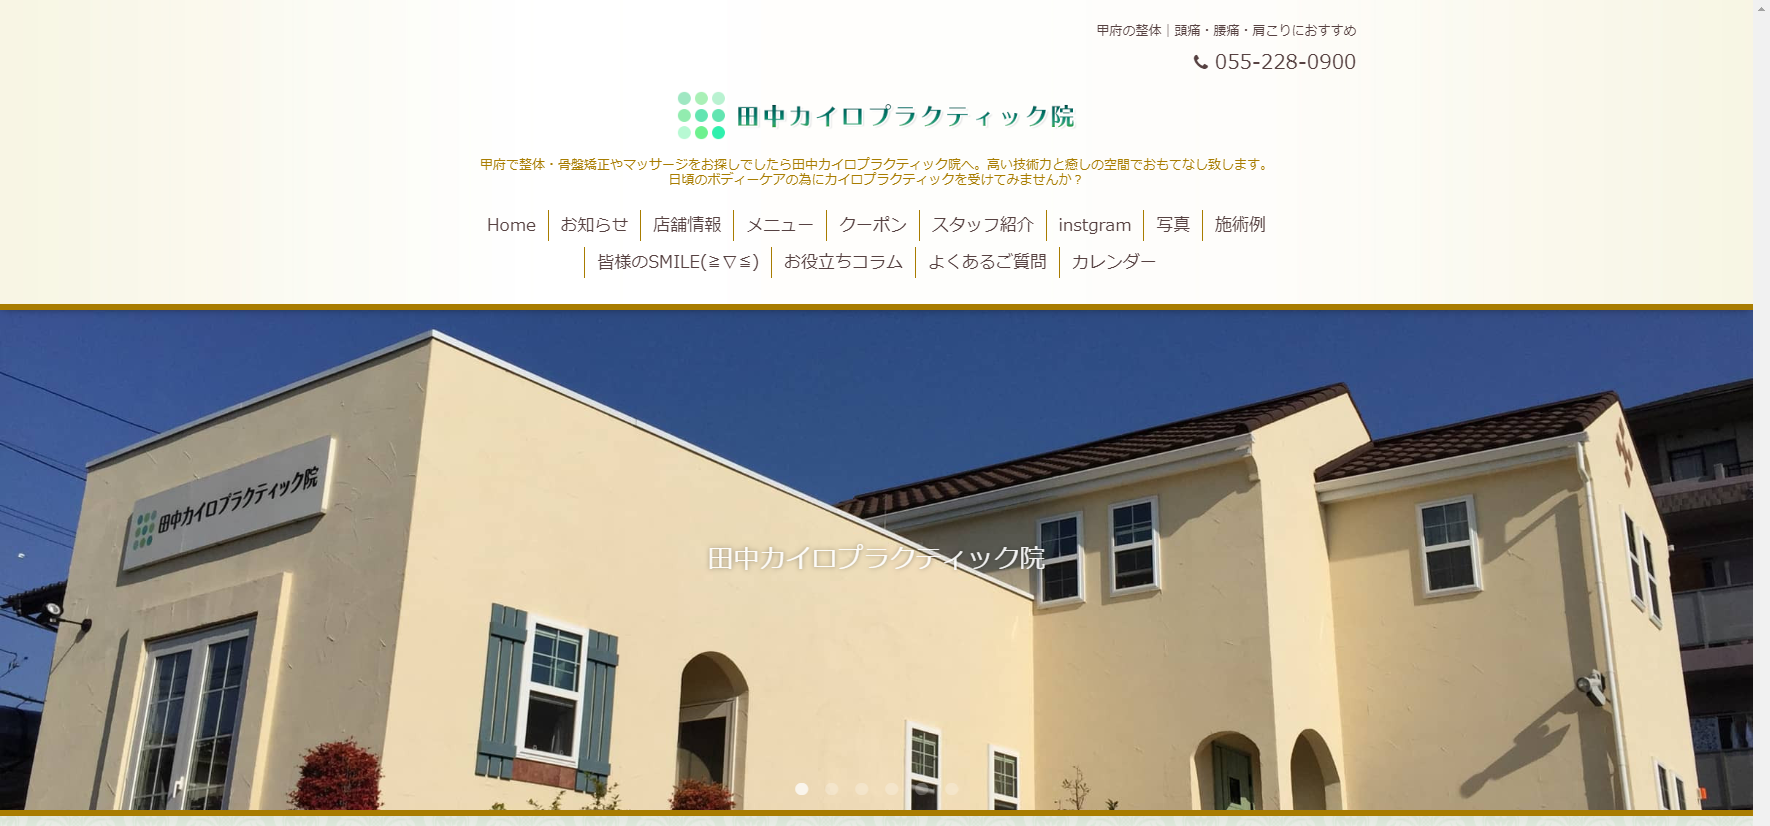 田中カイロプラクティック院のサムネイル